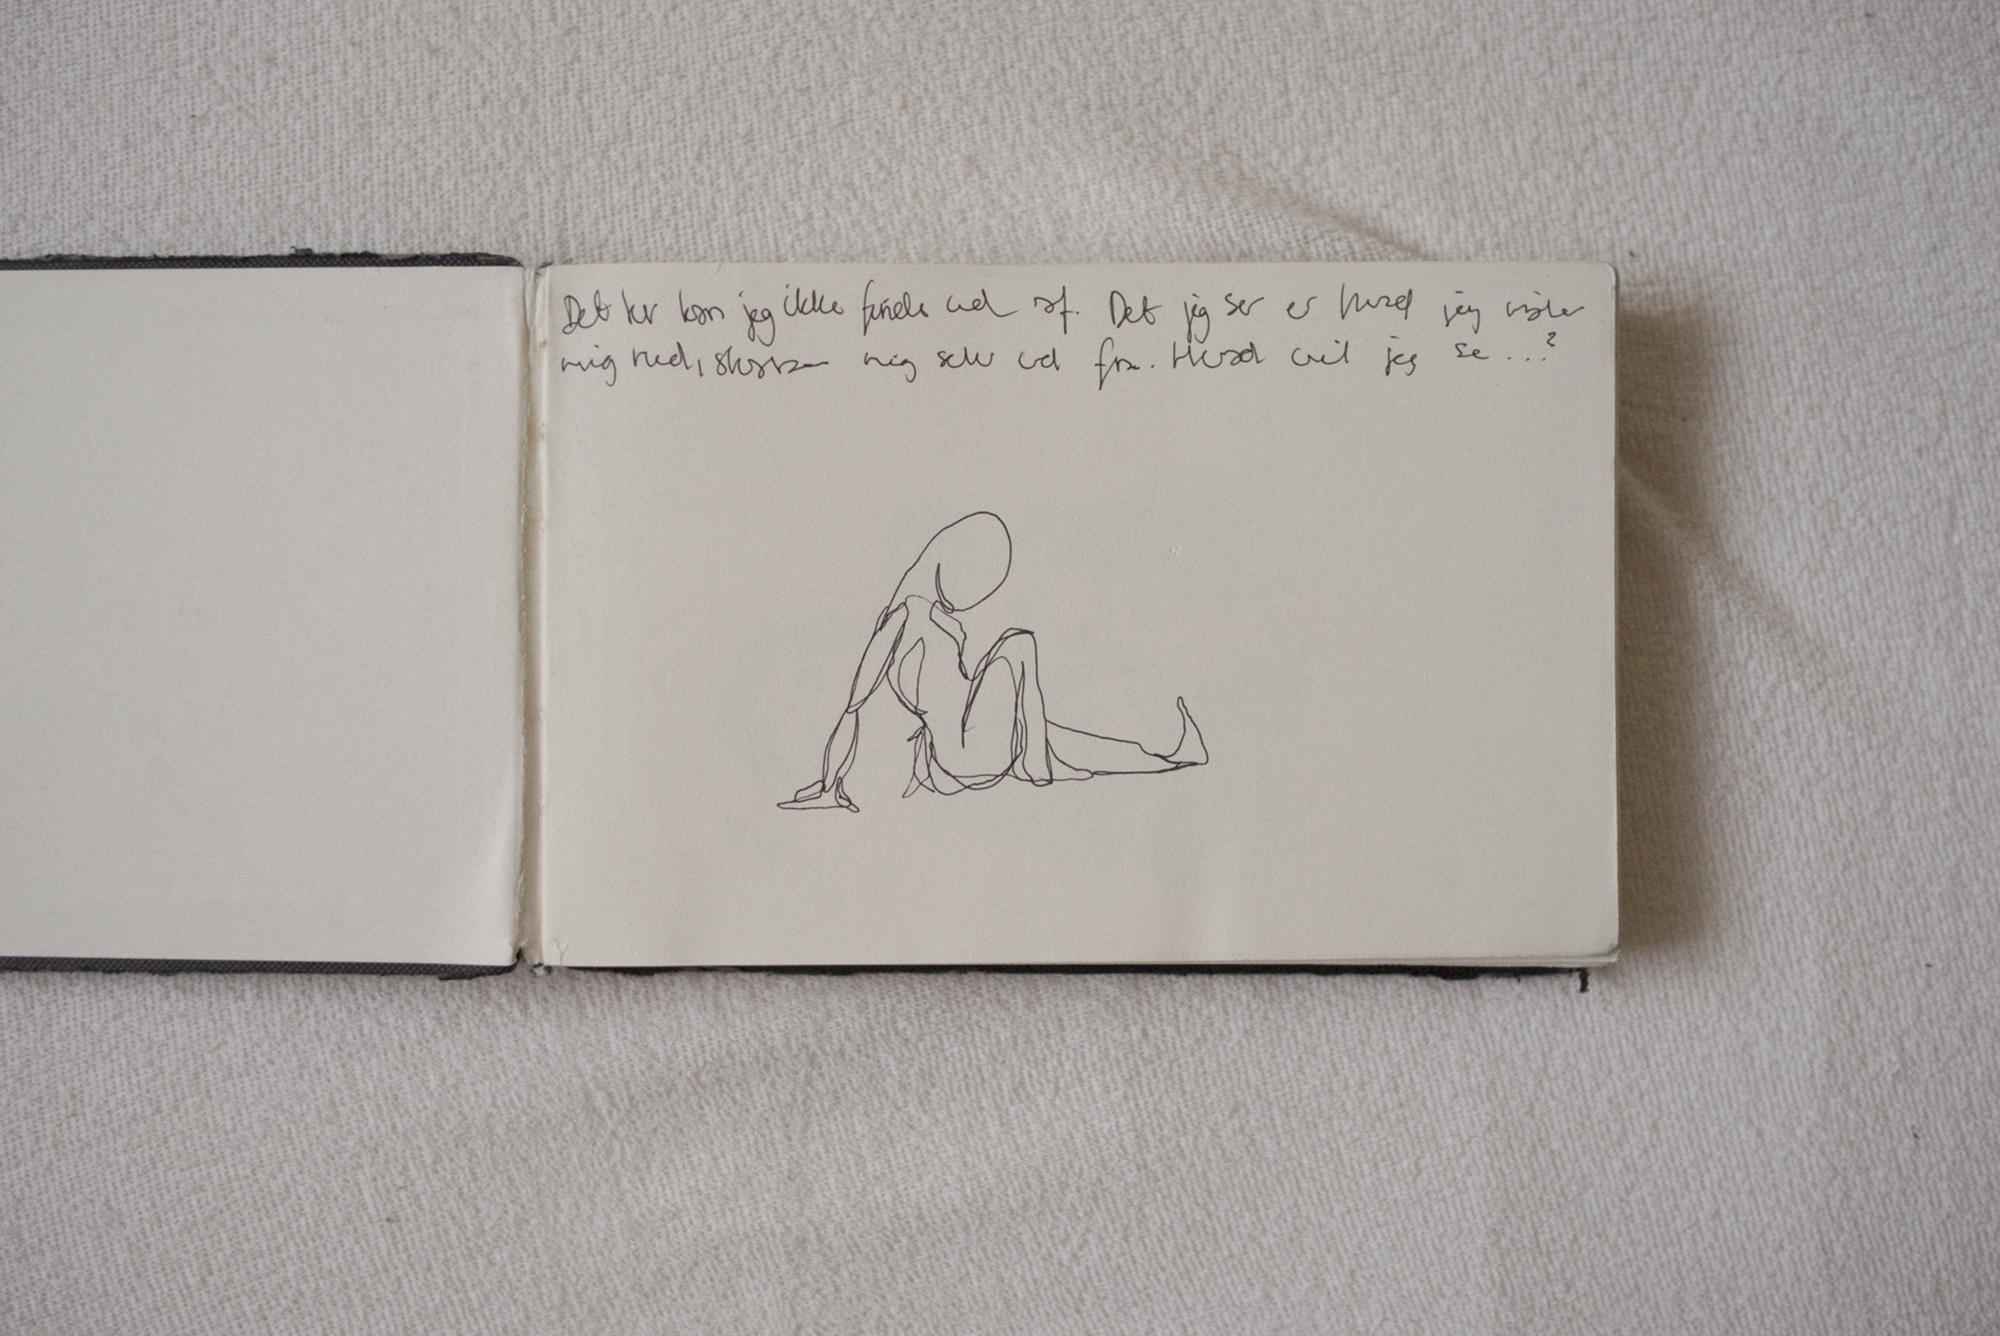 Rasmus_Degnbol-Ditte_A_Schitzotypical_Life_004